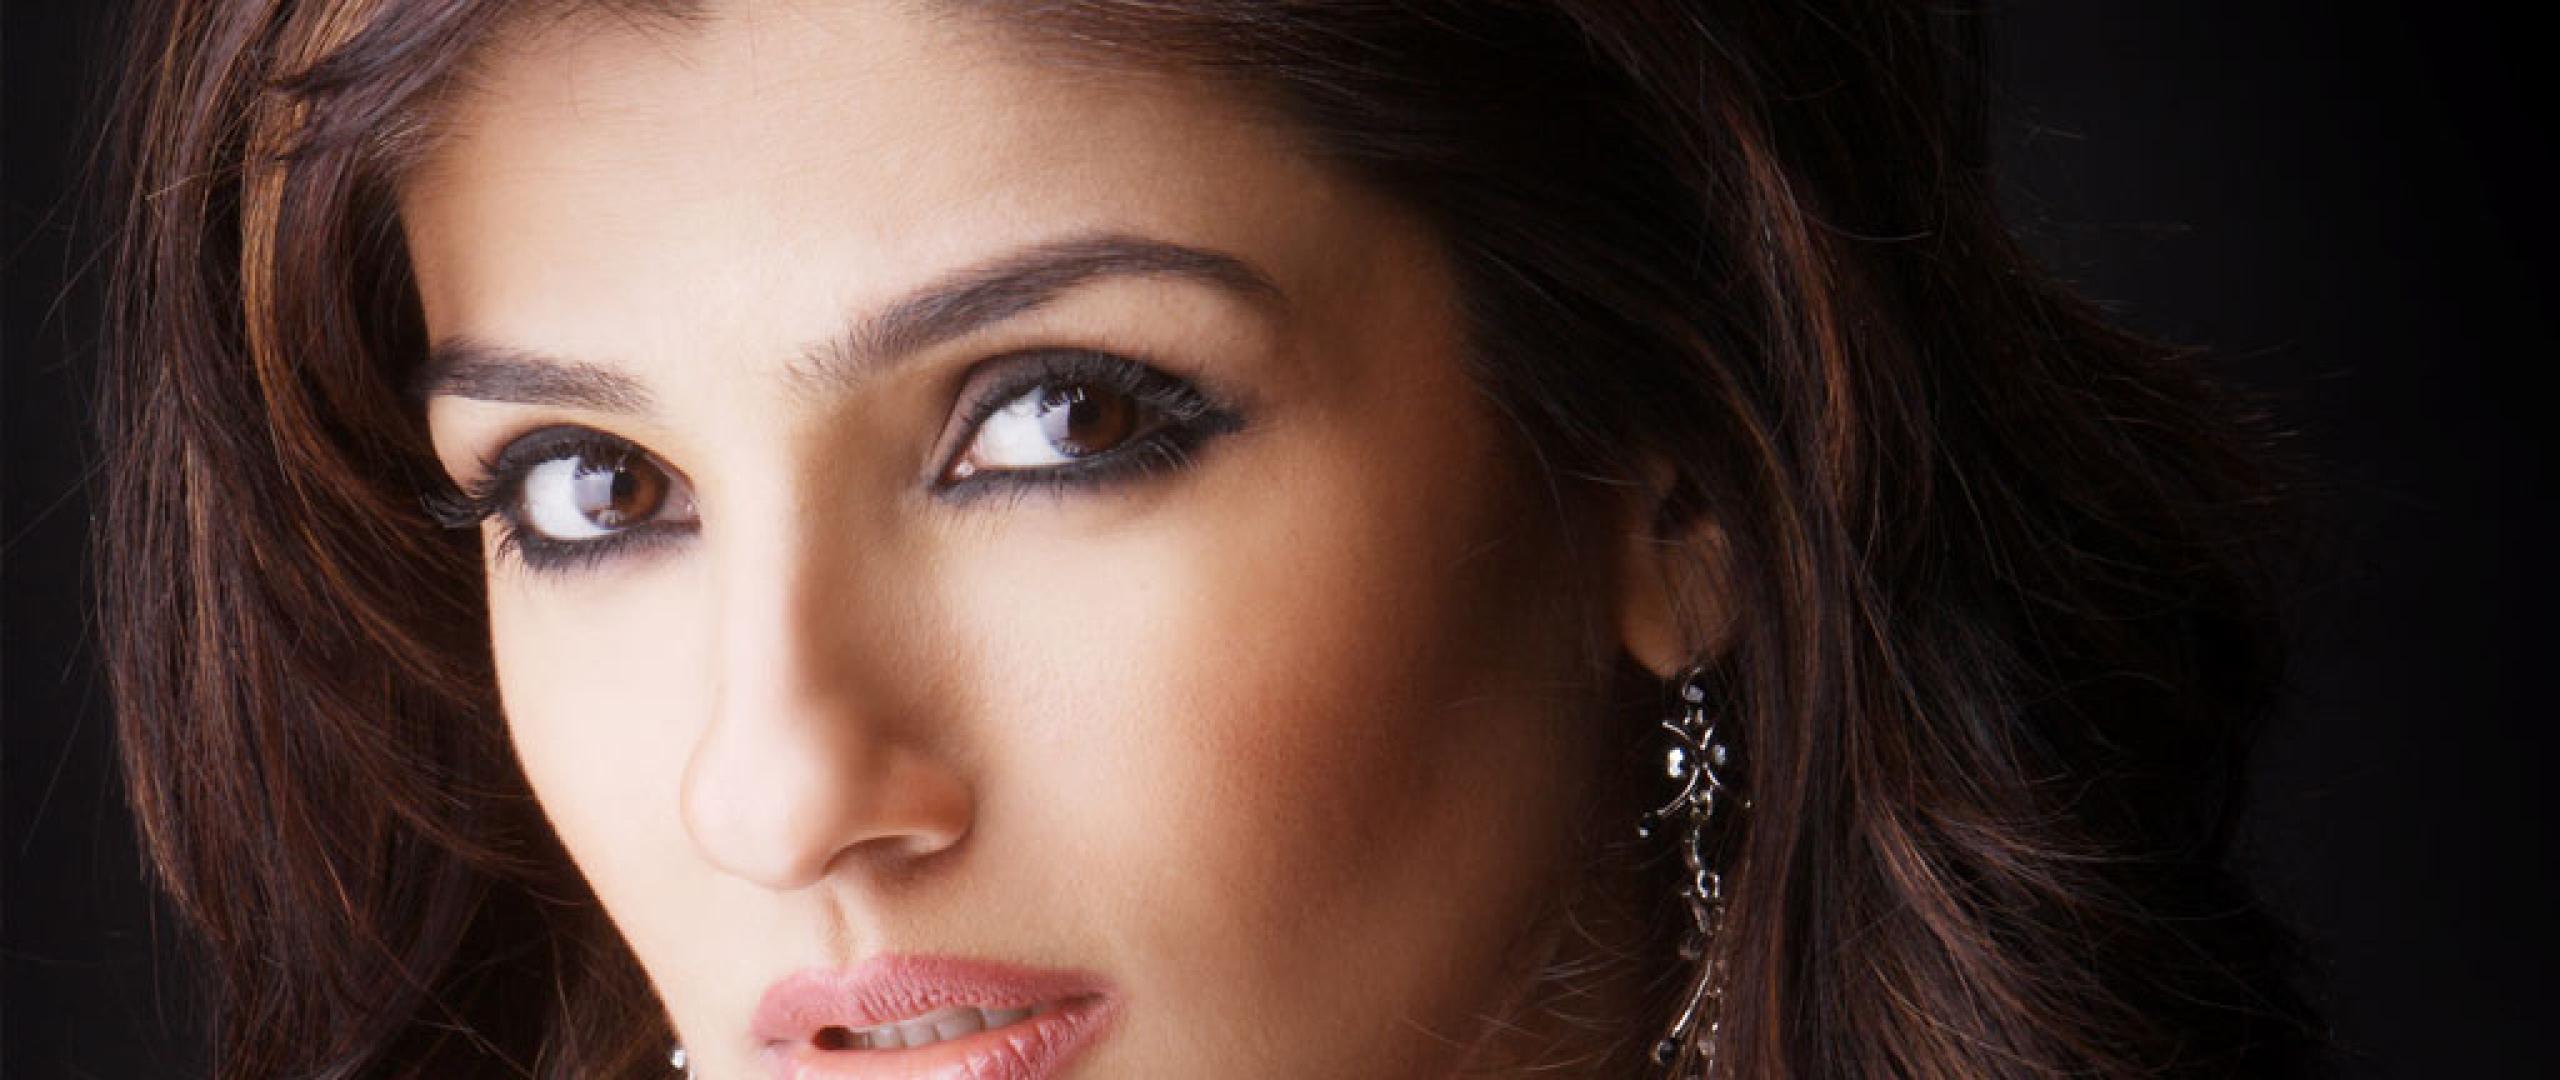 Raveena Tandon Close Up Photoshoot, HD Wallpaper